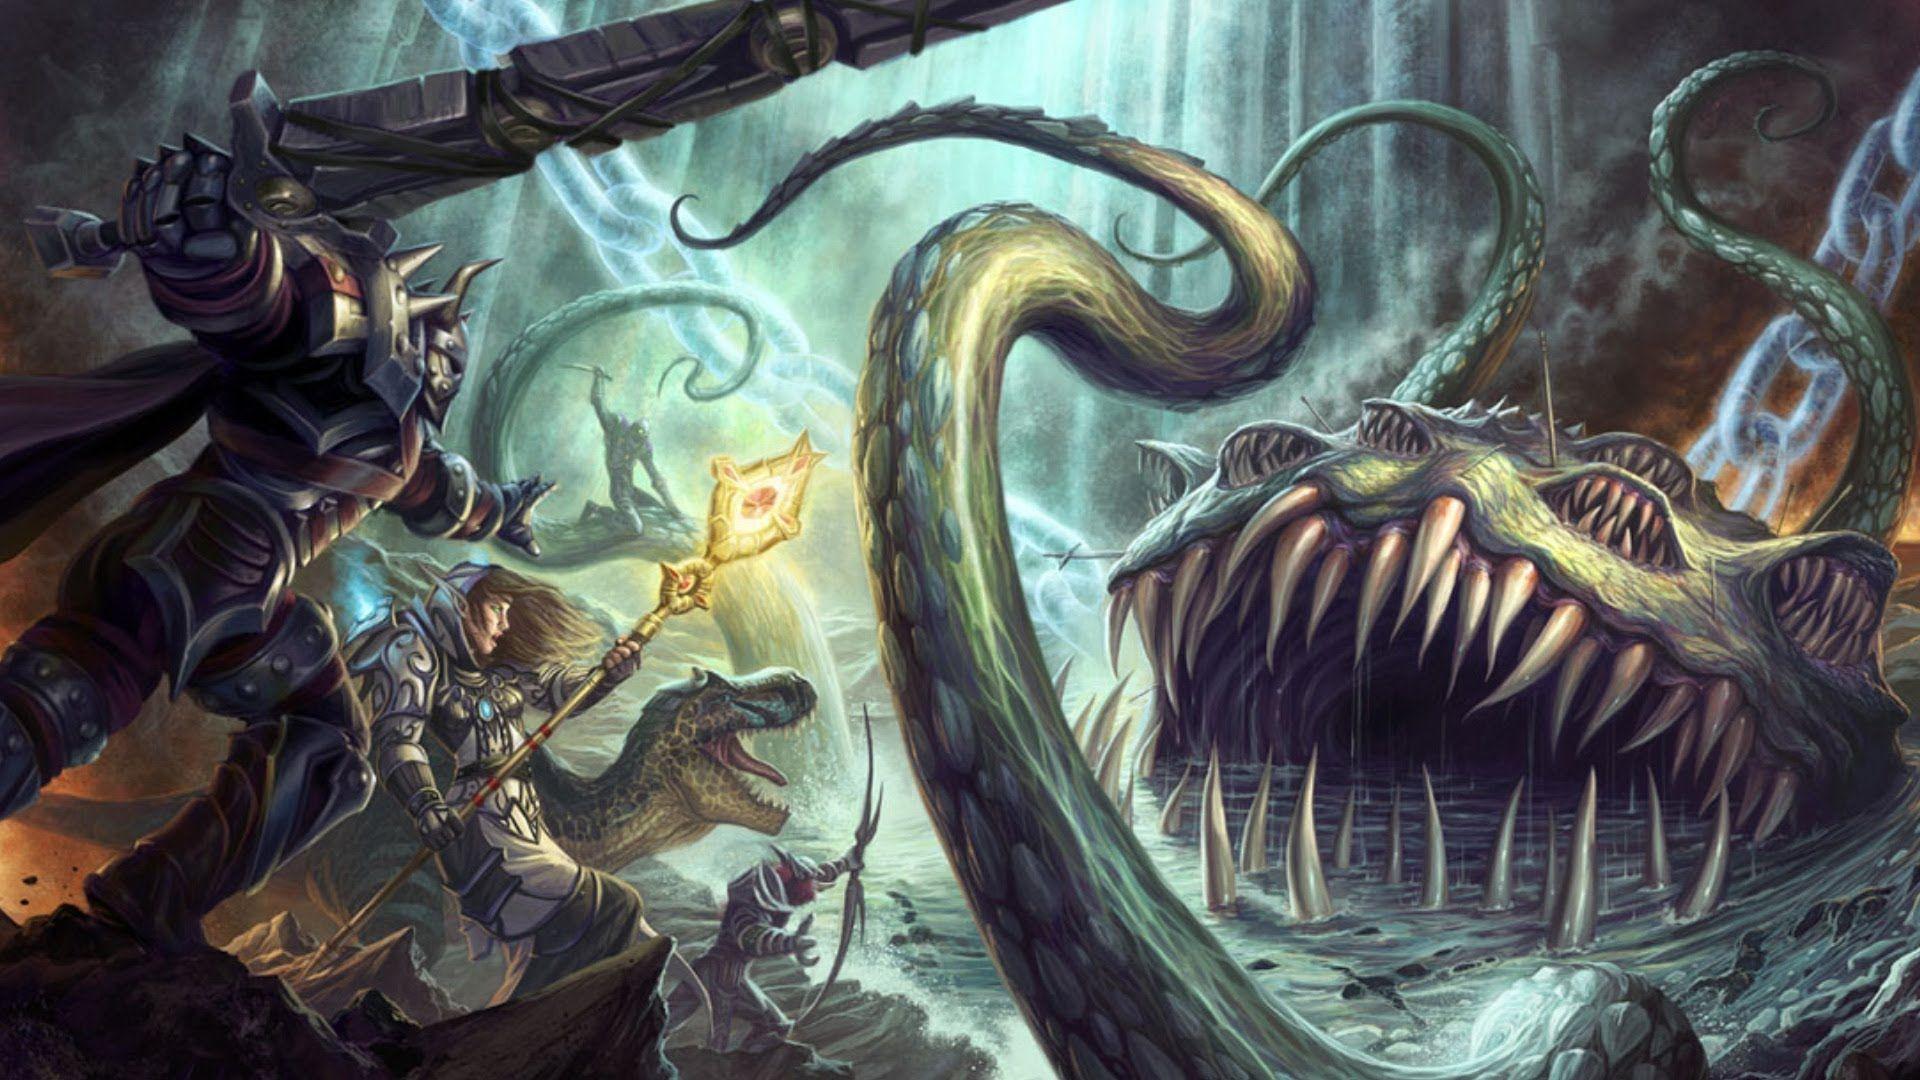 En la lucha con Yogg-Saron los campeones deberán introducirse en una parte suya para derrotarlo. ¿Cuál?